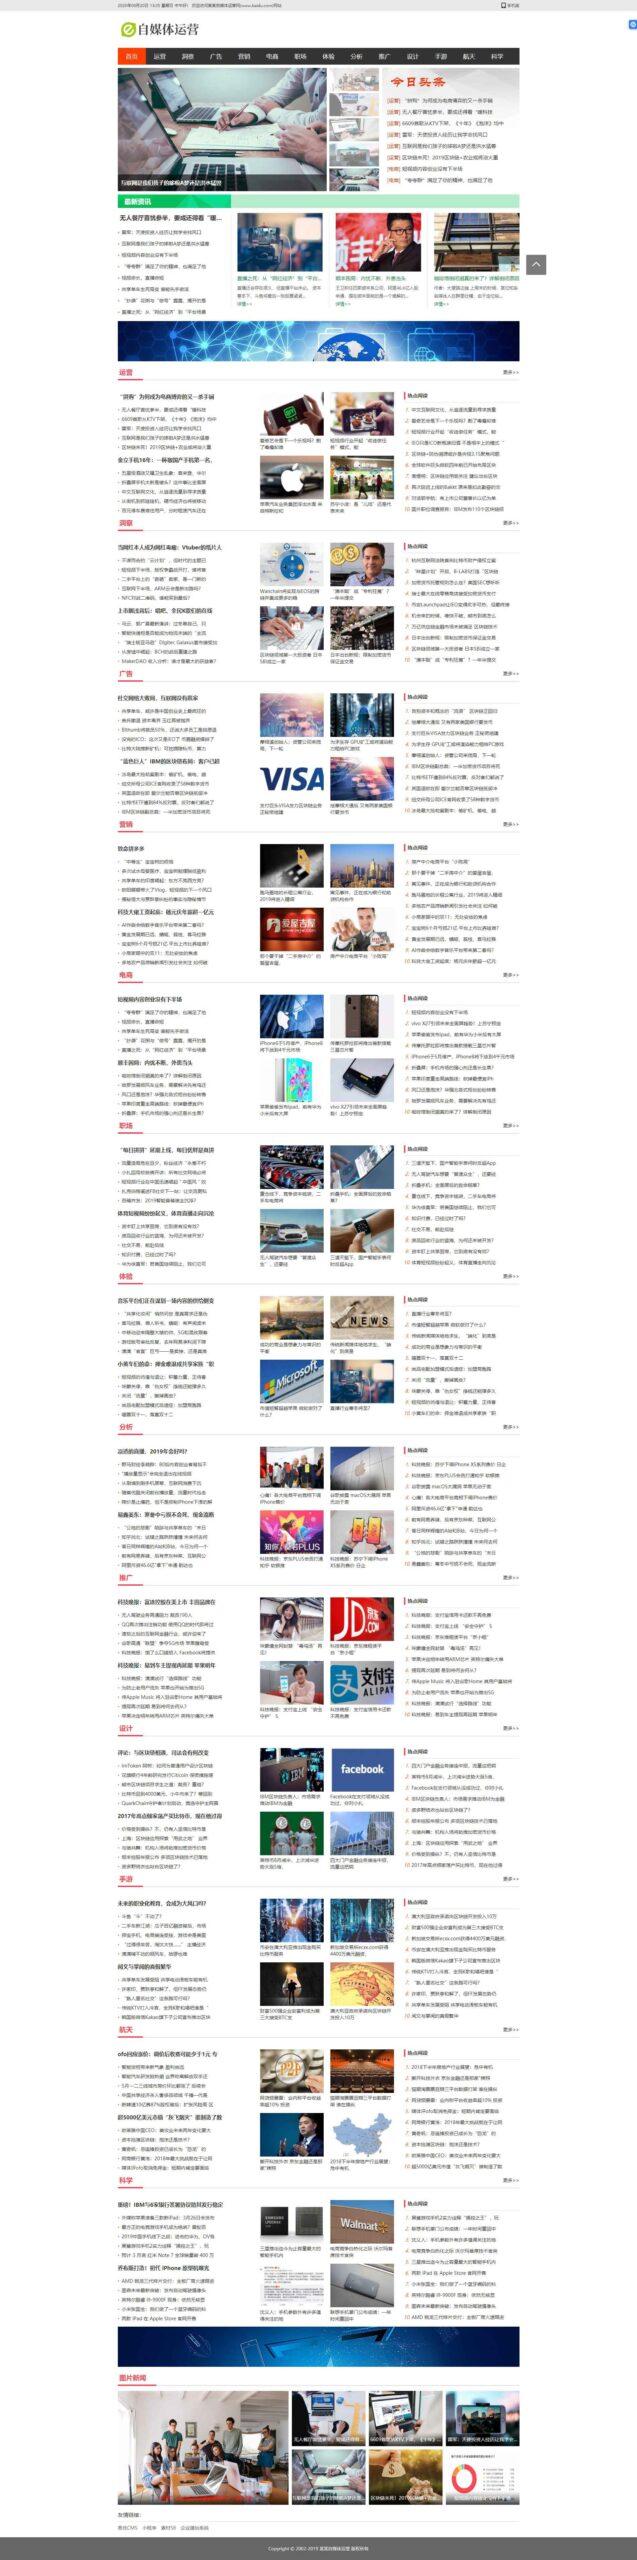 自媒体运营网站织梦dede模板源码[带手机版数据同步]插图